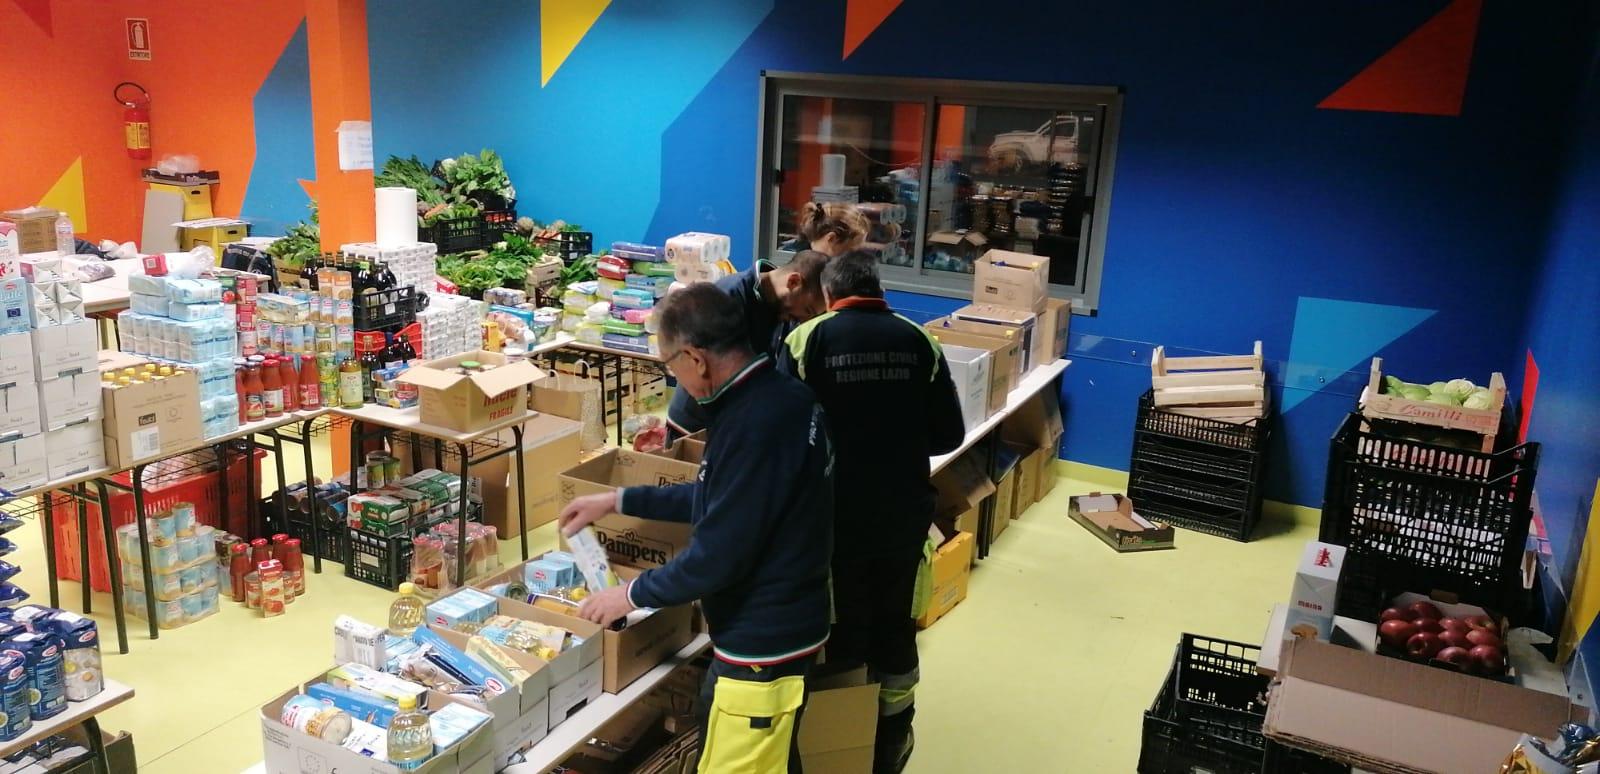 Cerveteri, COVID-19: Comune e Protezione Civile consegnano 387 pacchi di generi alimentari alle famiglie in difficoltà